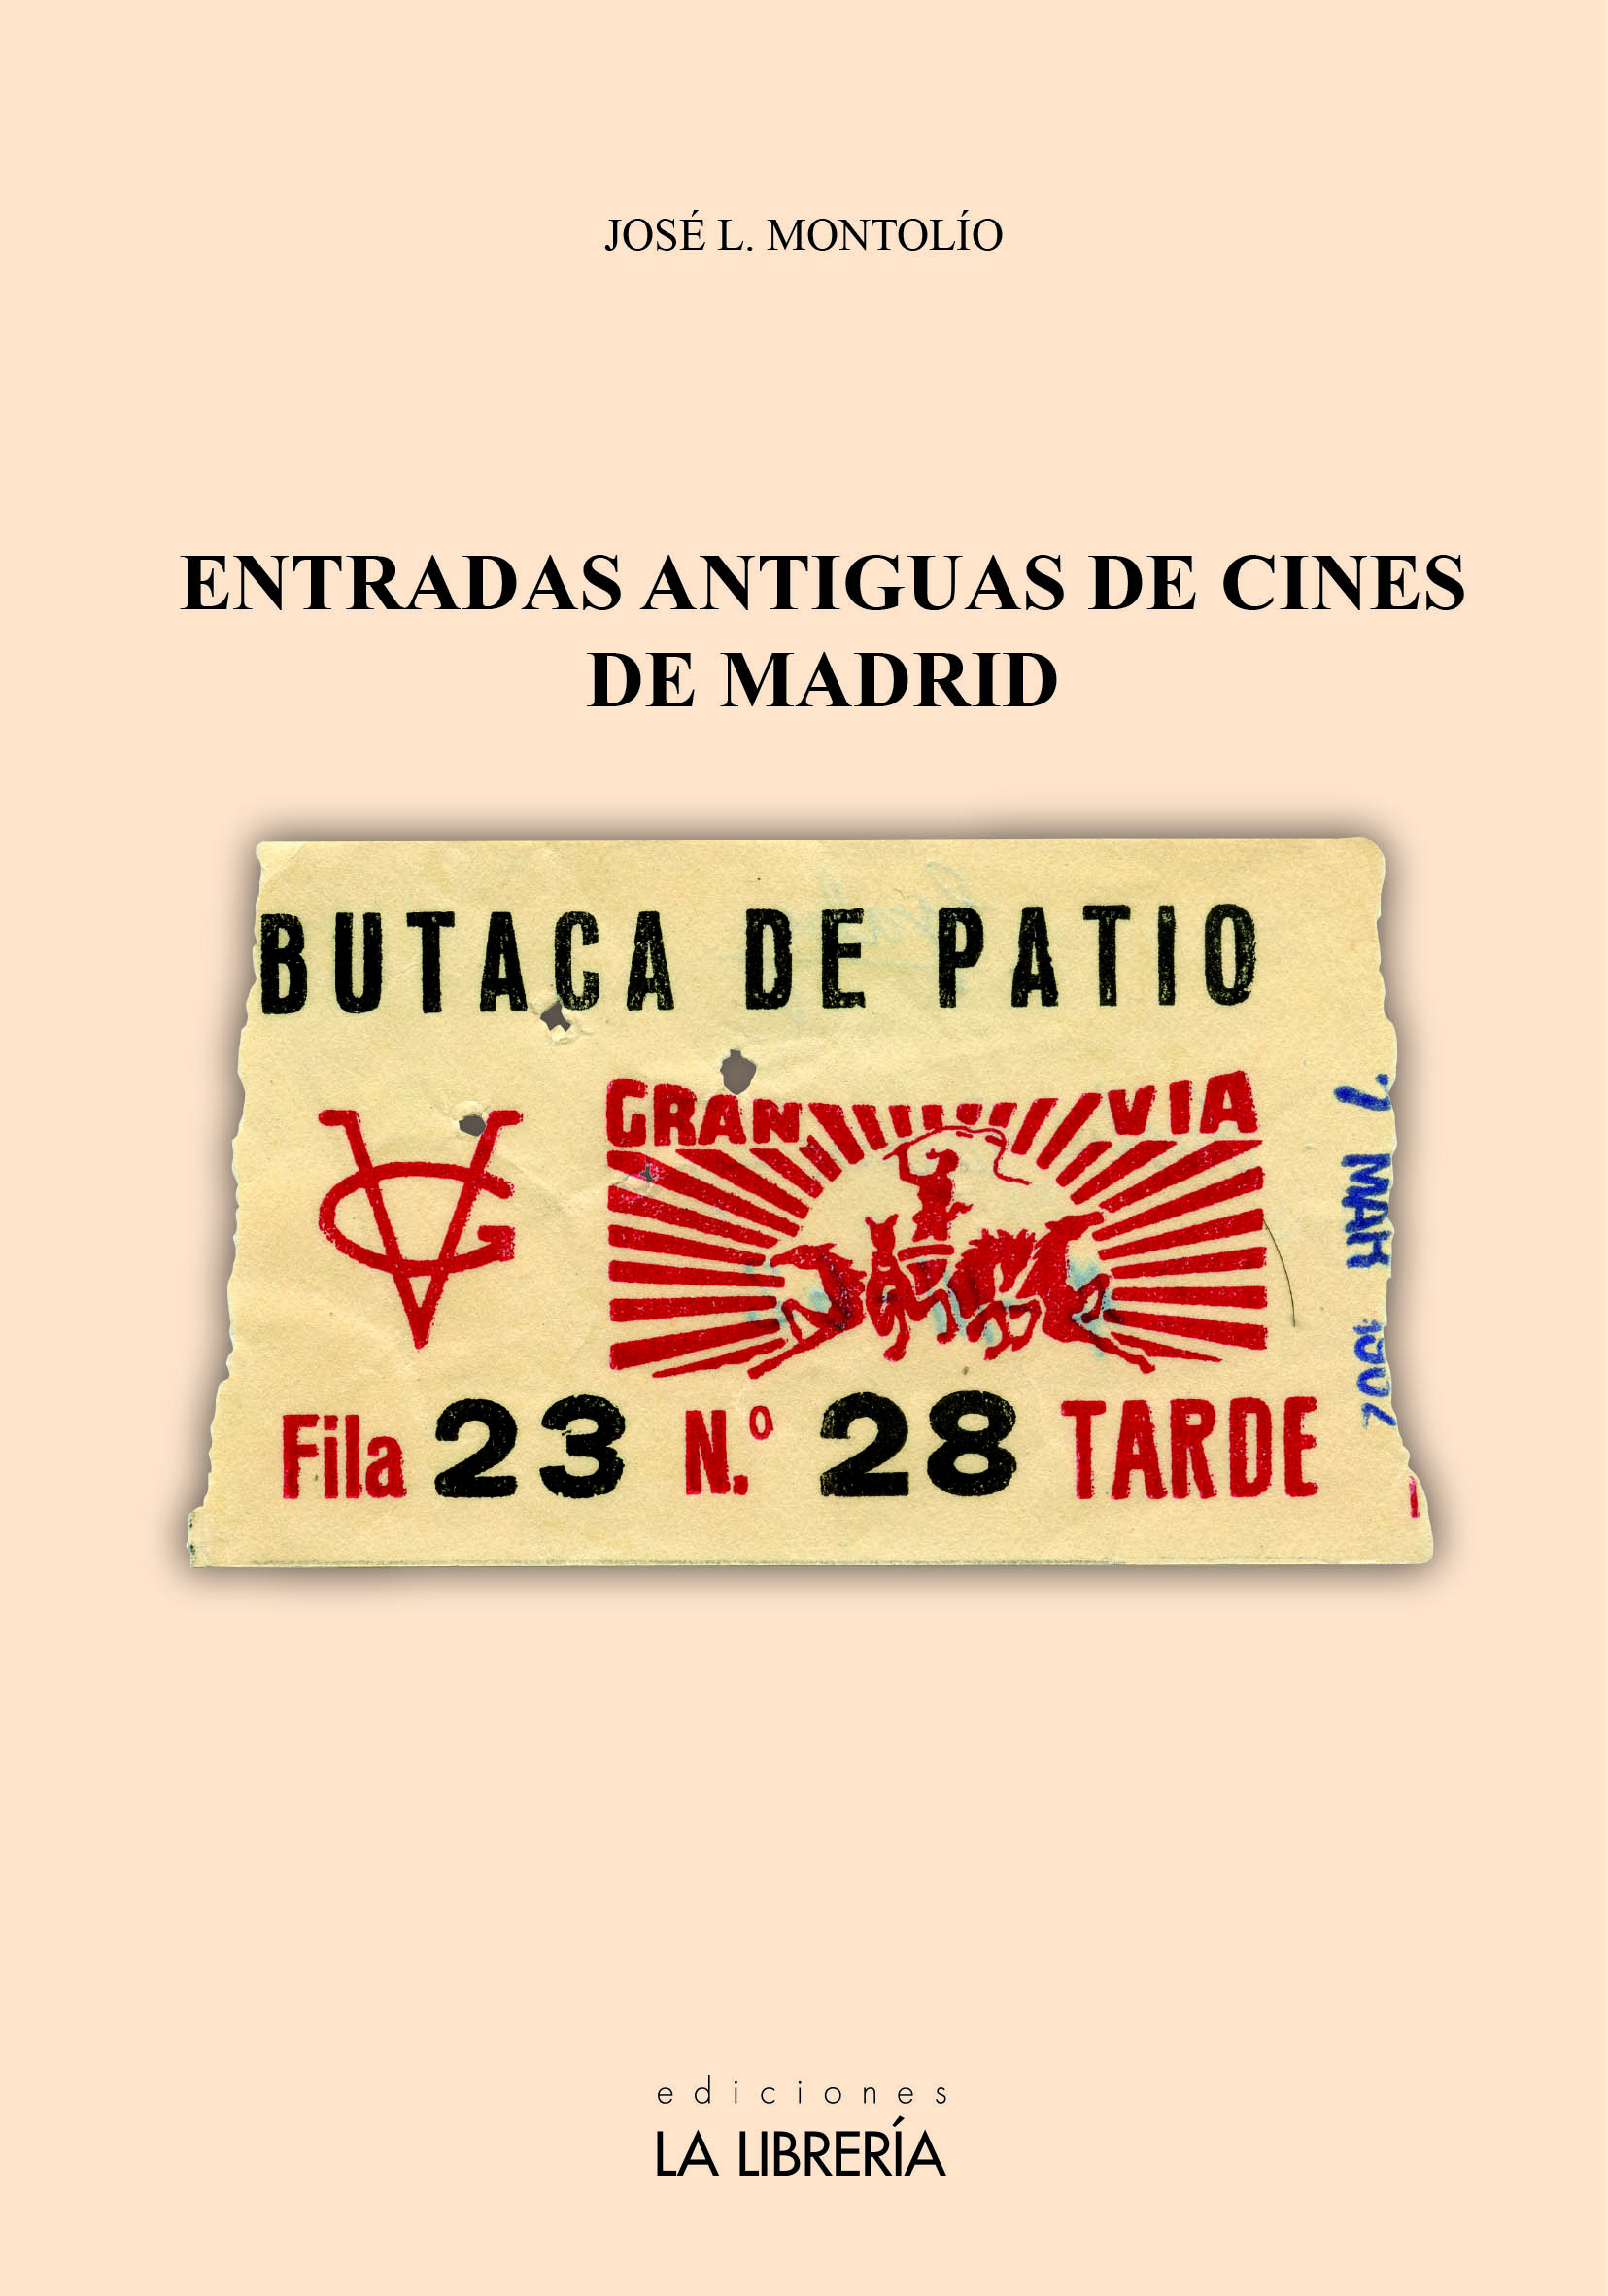 Novedad: Entradas antiguas de cines de Madrid